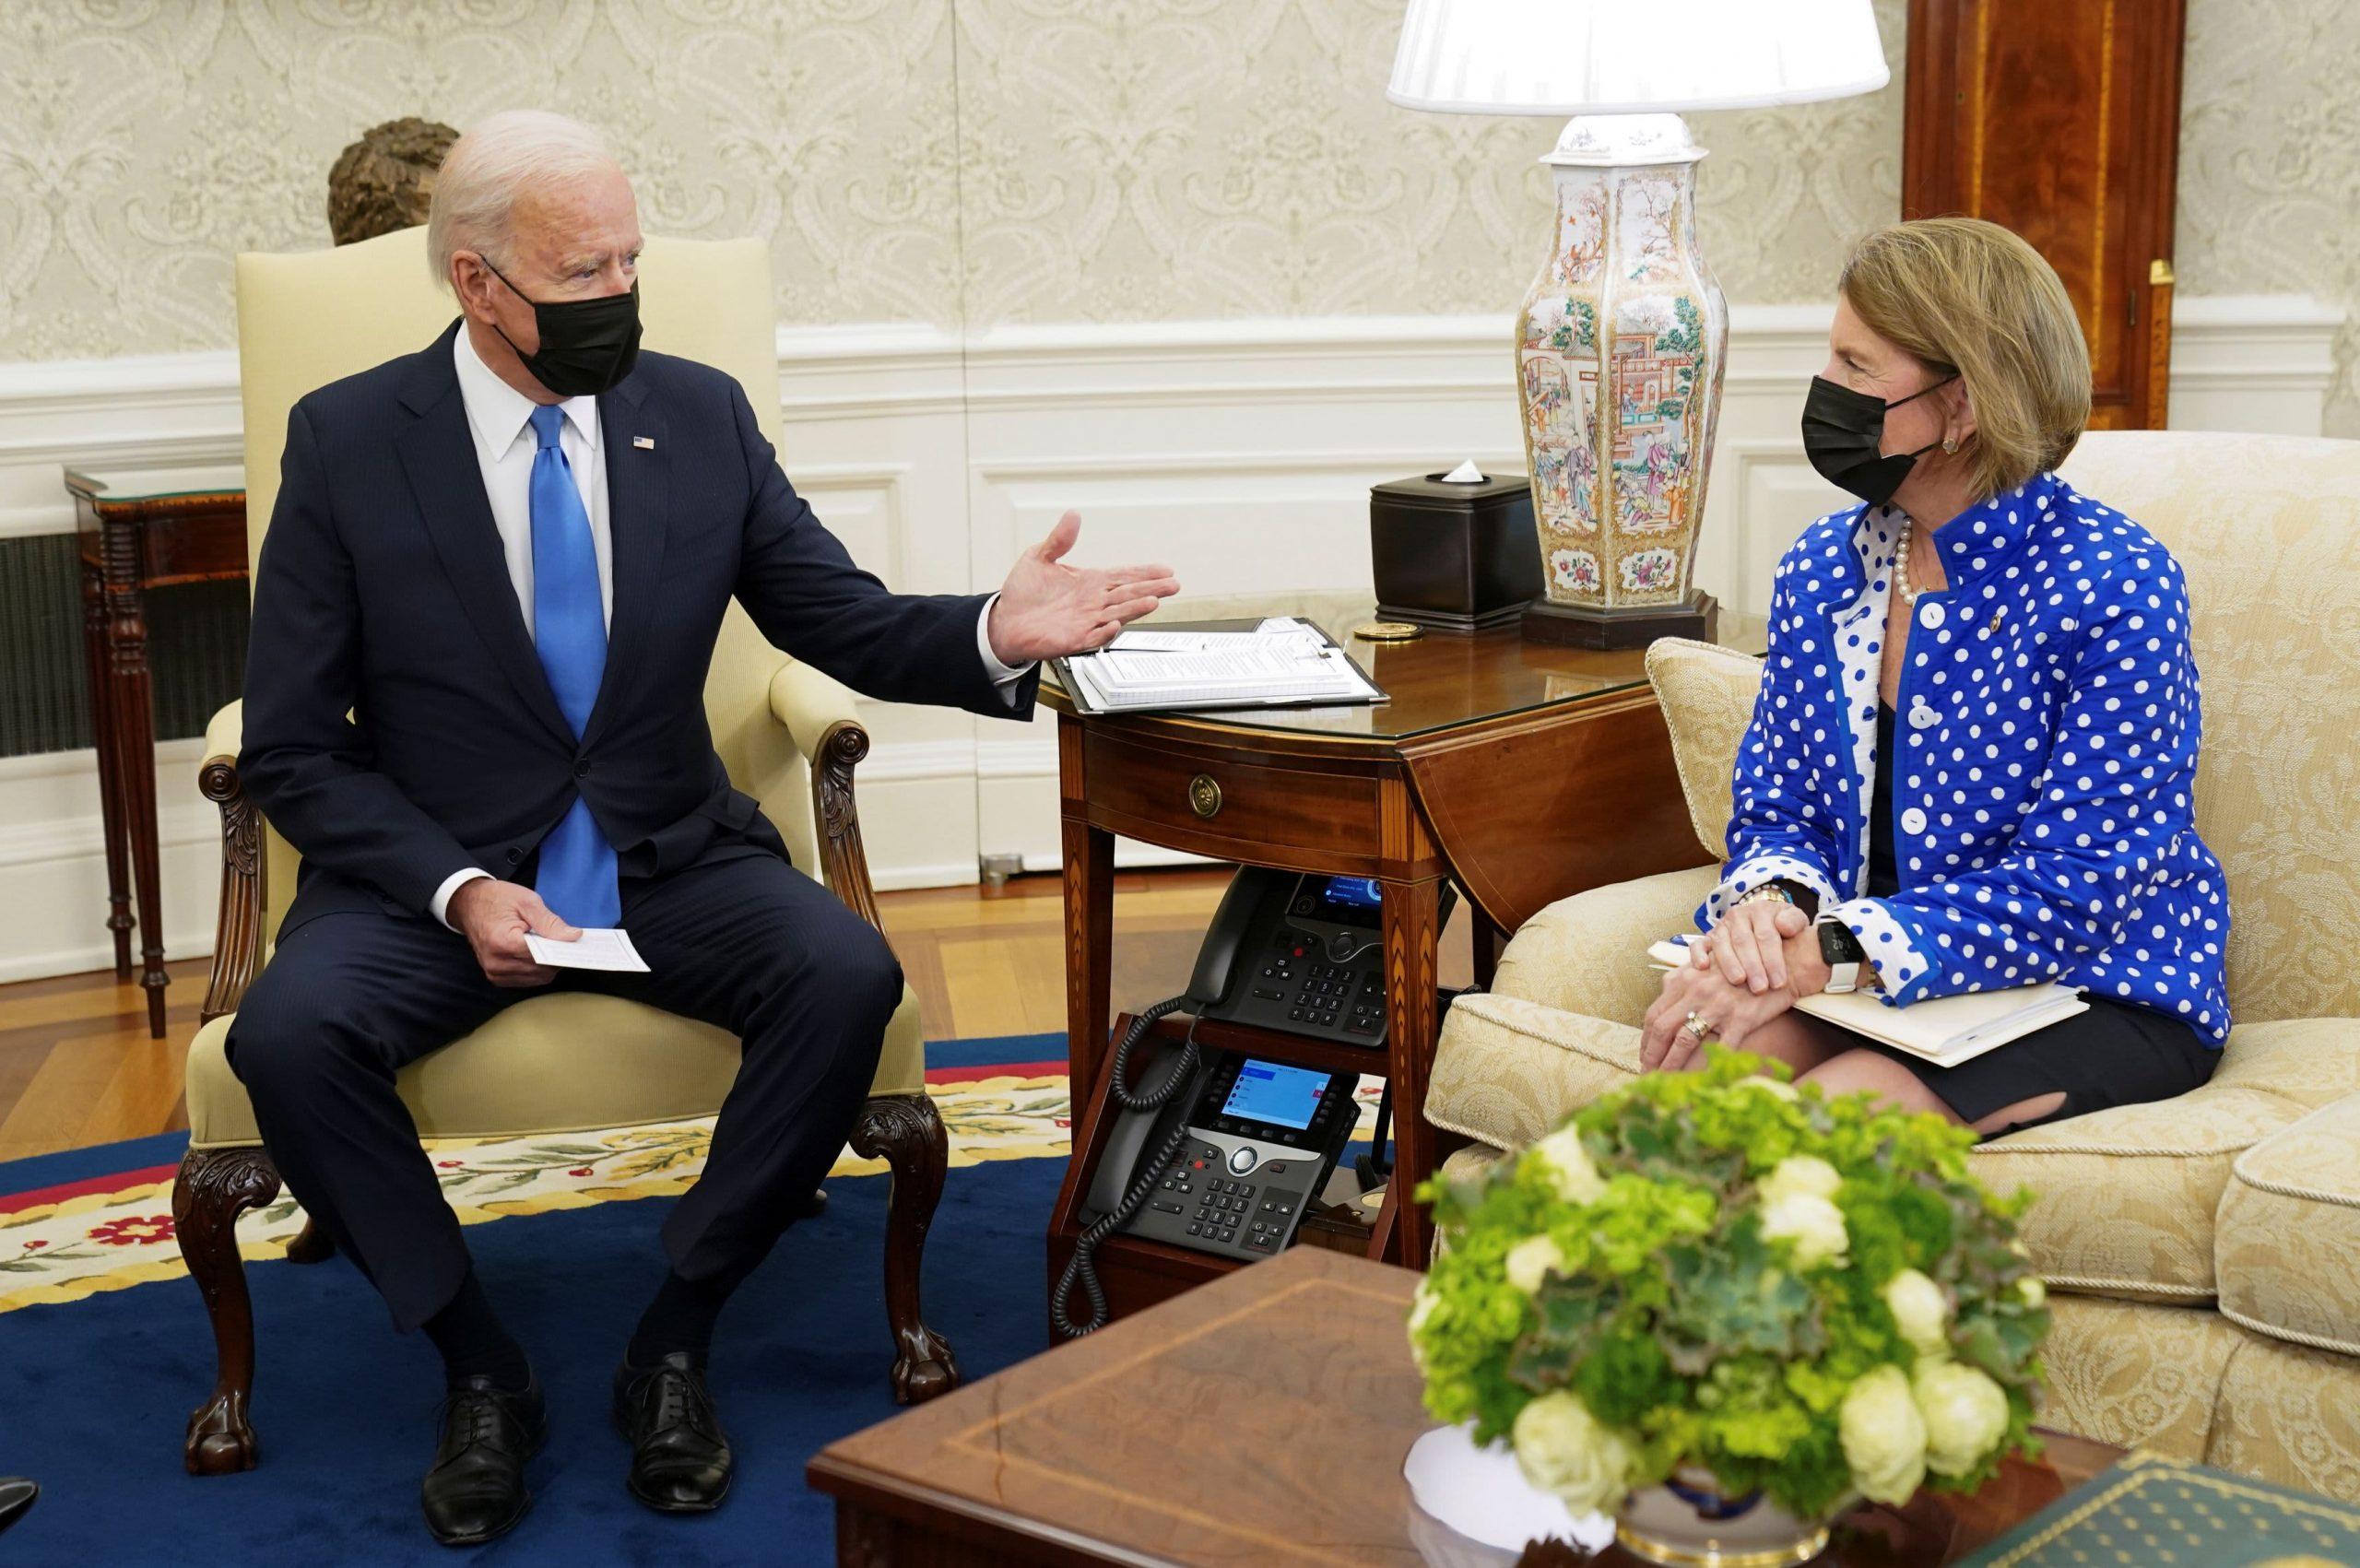 La próxima semana será una prueba importante en la búsqueda de Biden de un acuerdo de infraestructura bipartidista.